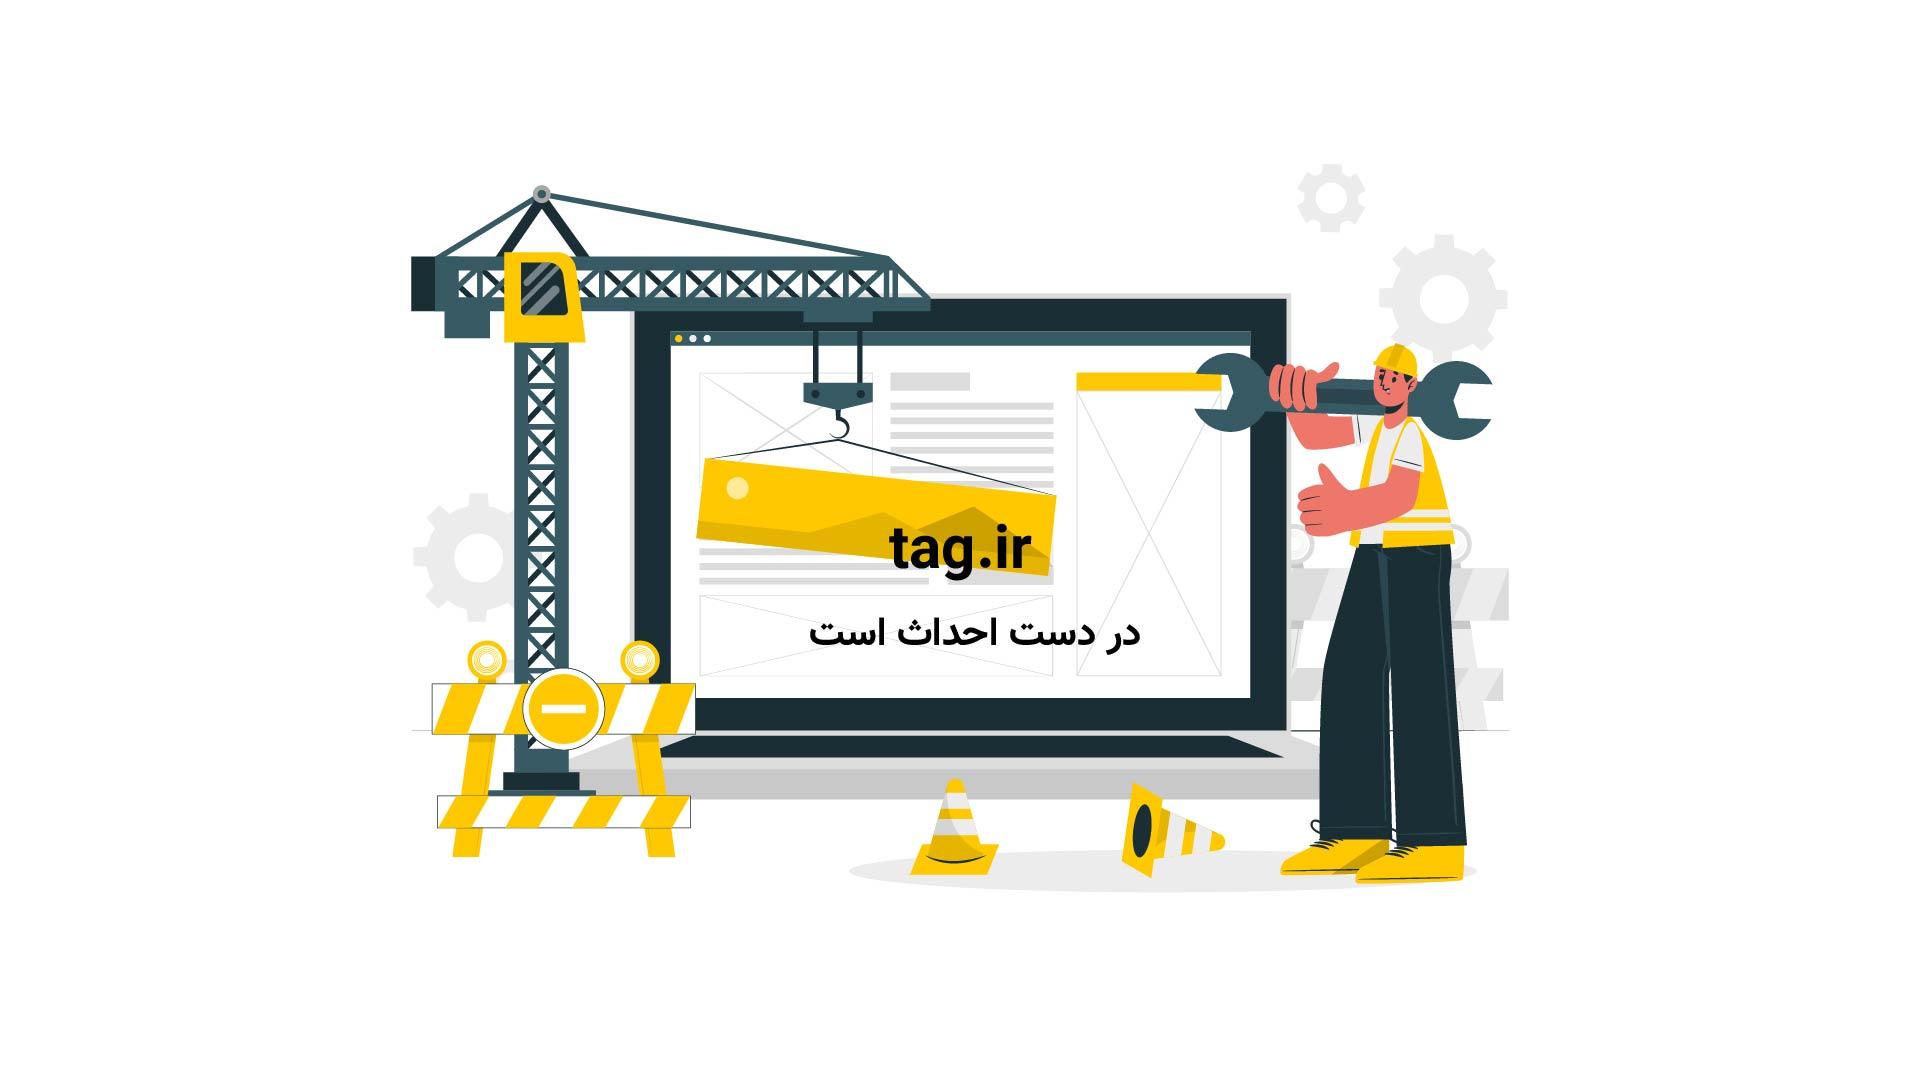 تصادف-شیراز | تگ